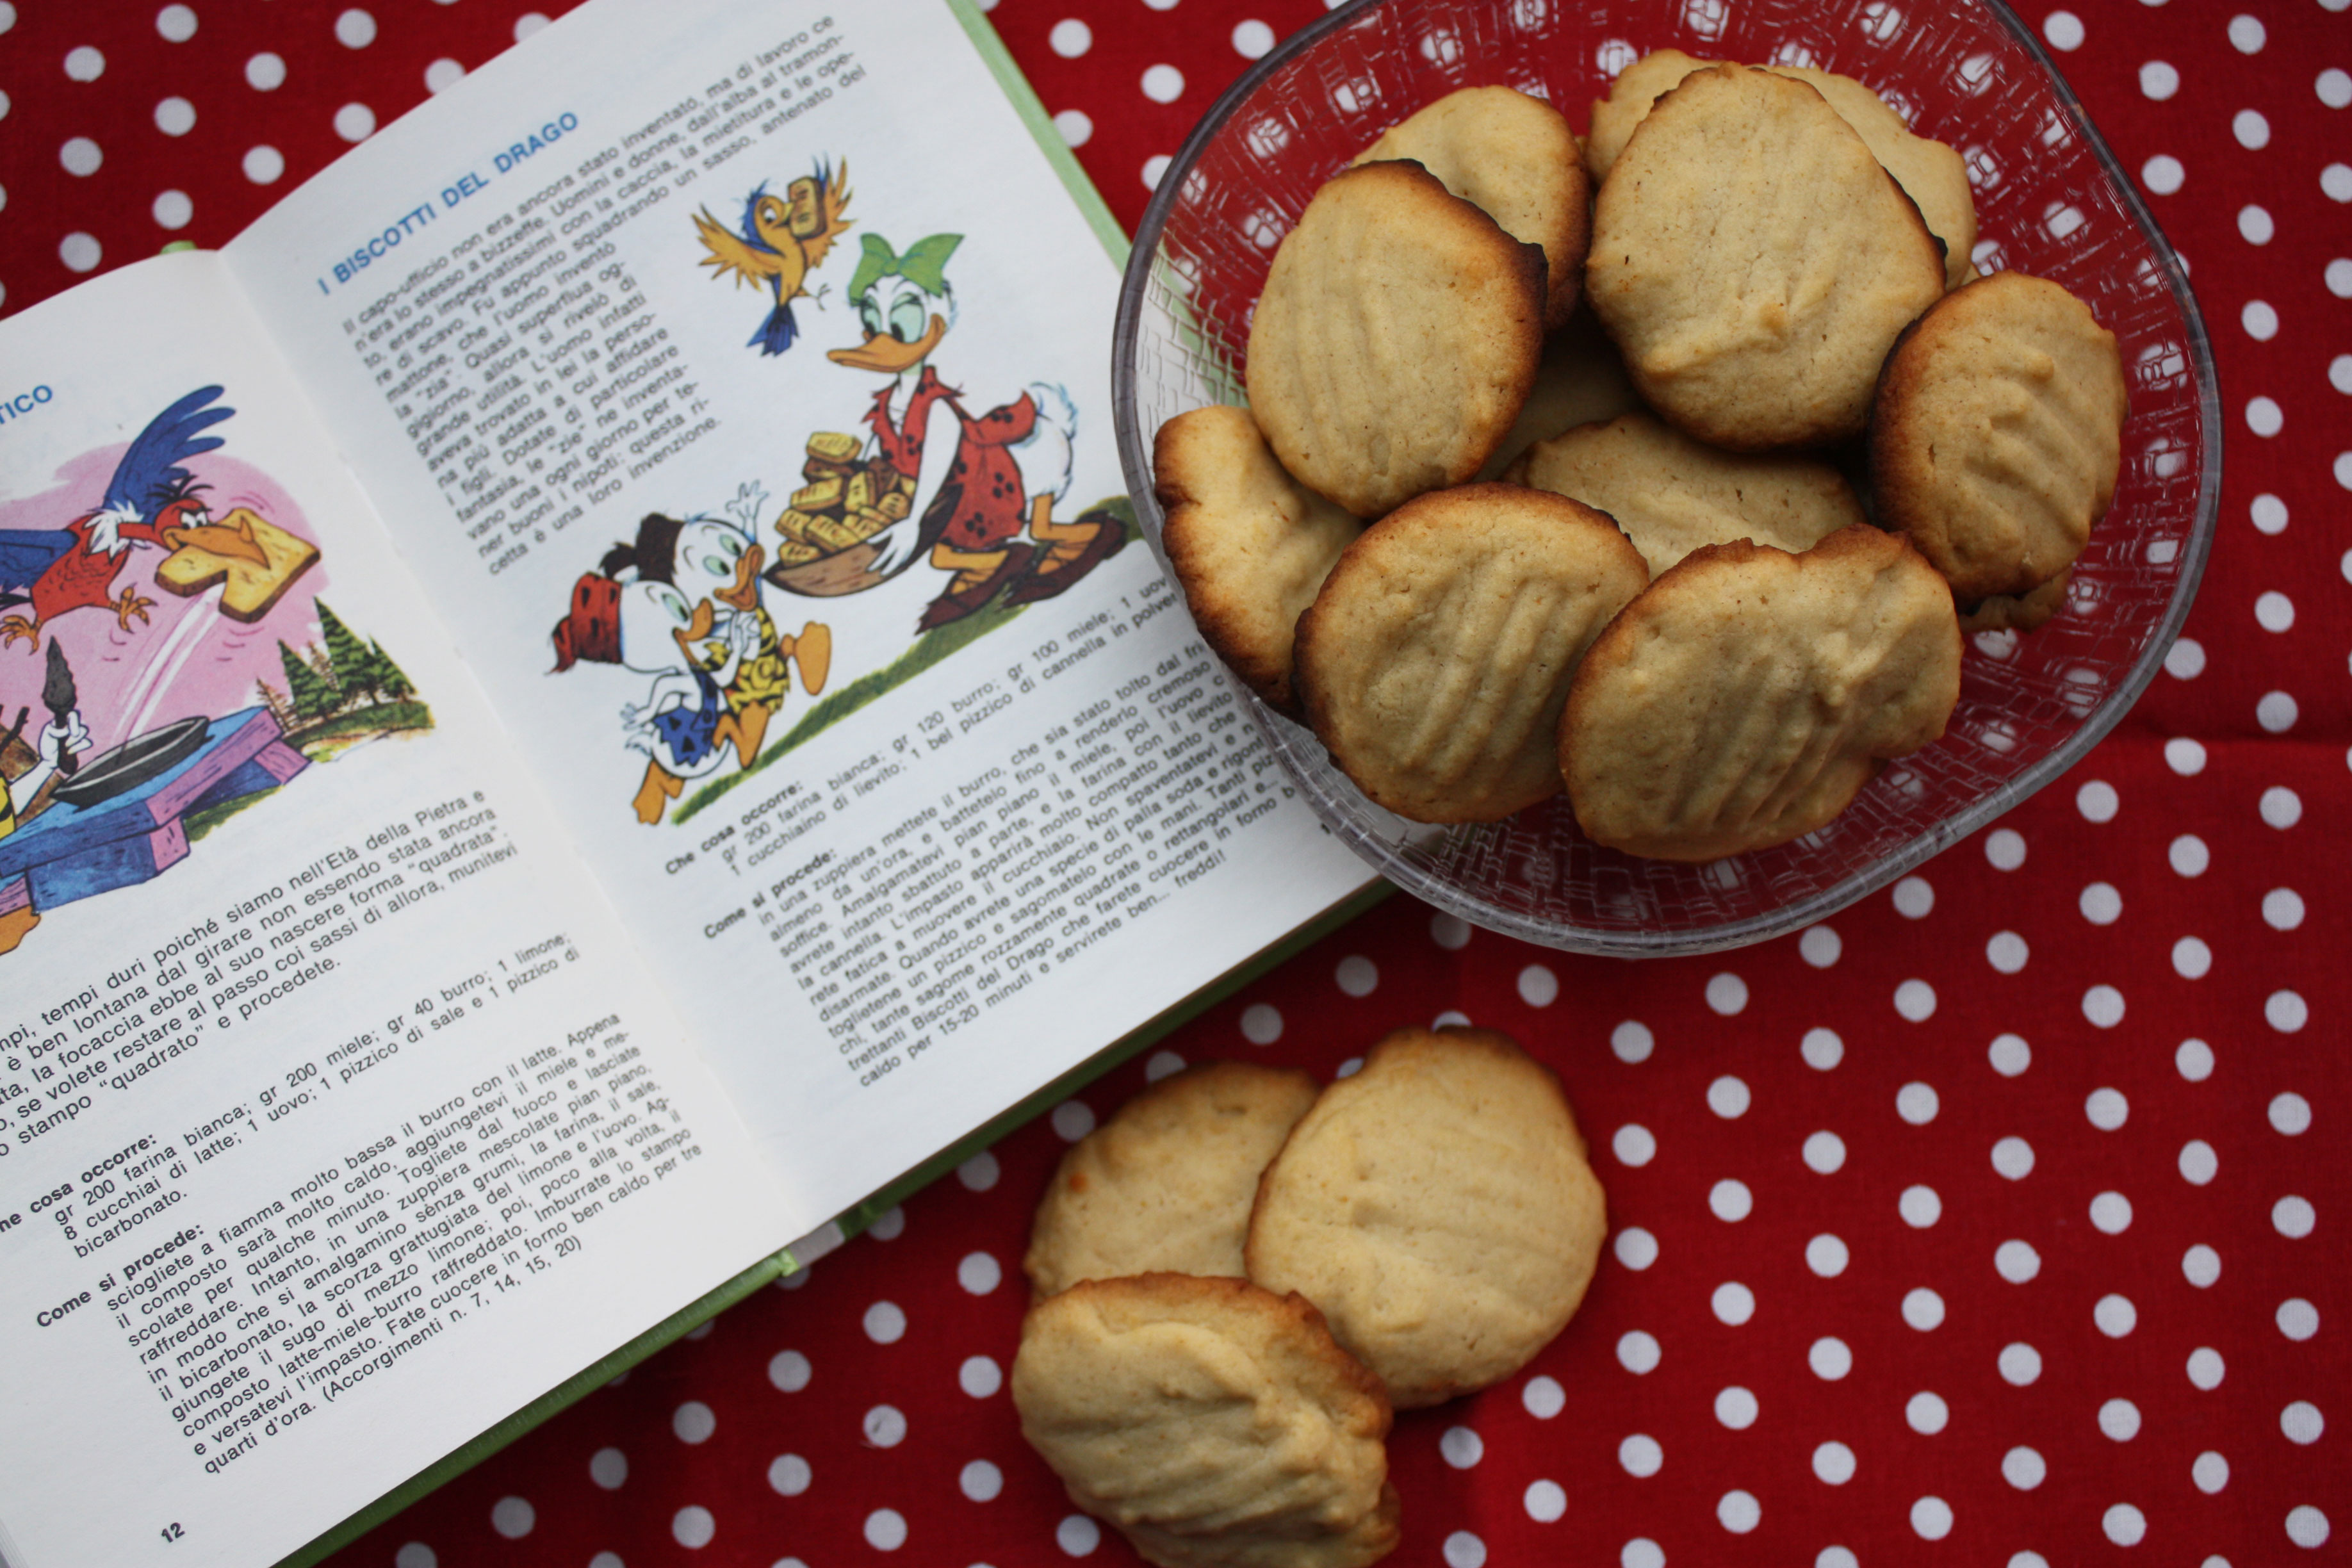 A scuola di cucina da nonna papera ecco il manuale - Scuola di cucina a bari ...